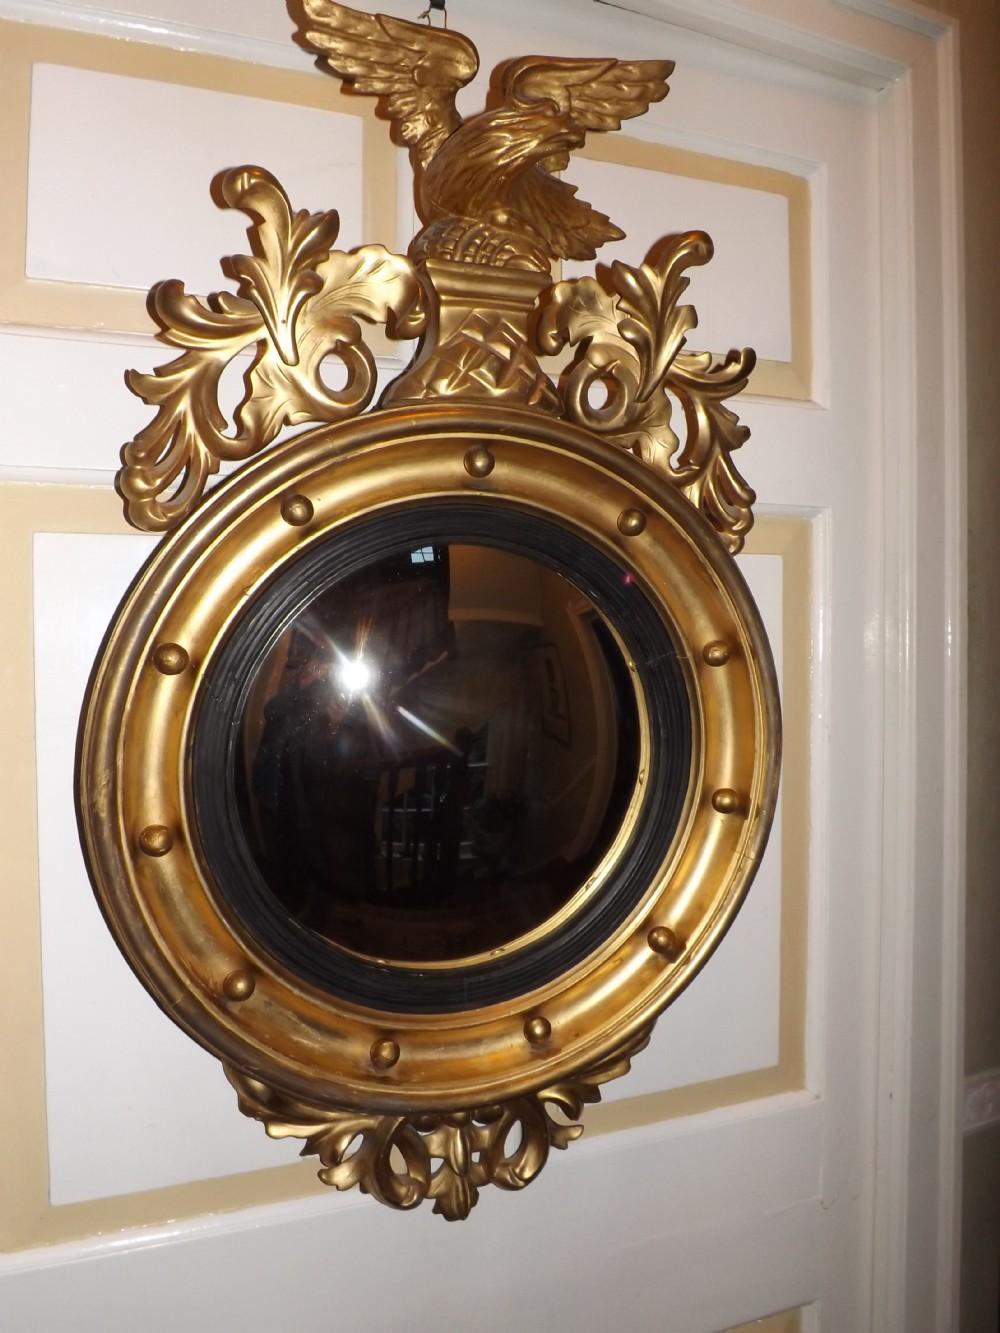 C19th regency period gilt wood framed convex wall mirror 307973 c19th regency period giltwood framed convex wall mirror amipublicfo Gallery